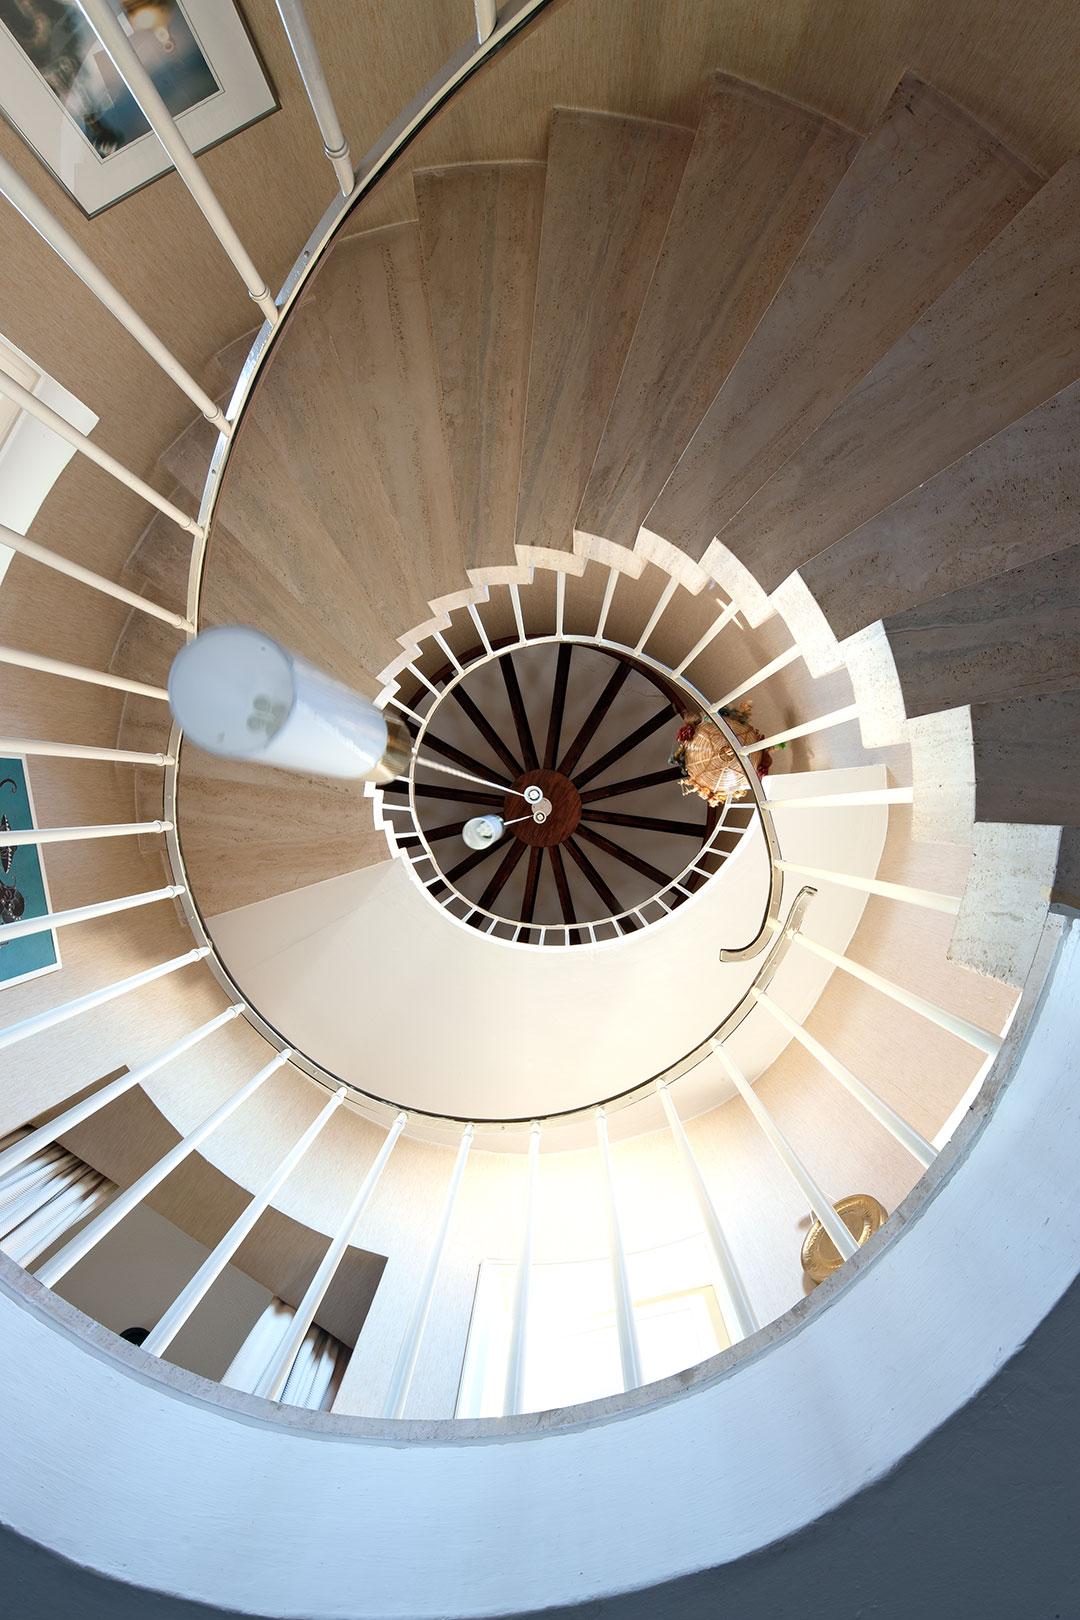 Architekturfotografie, Innenarchitektur: Treppenhaus Turm | Foto: Dieter Eikenberg, imprints